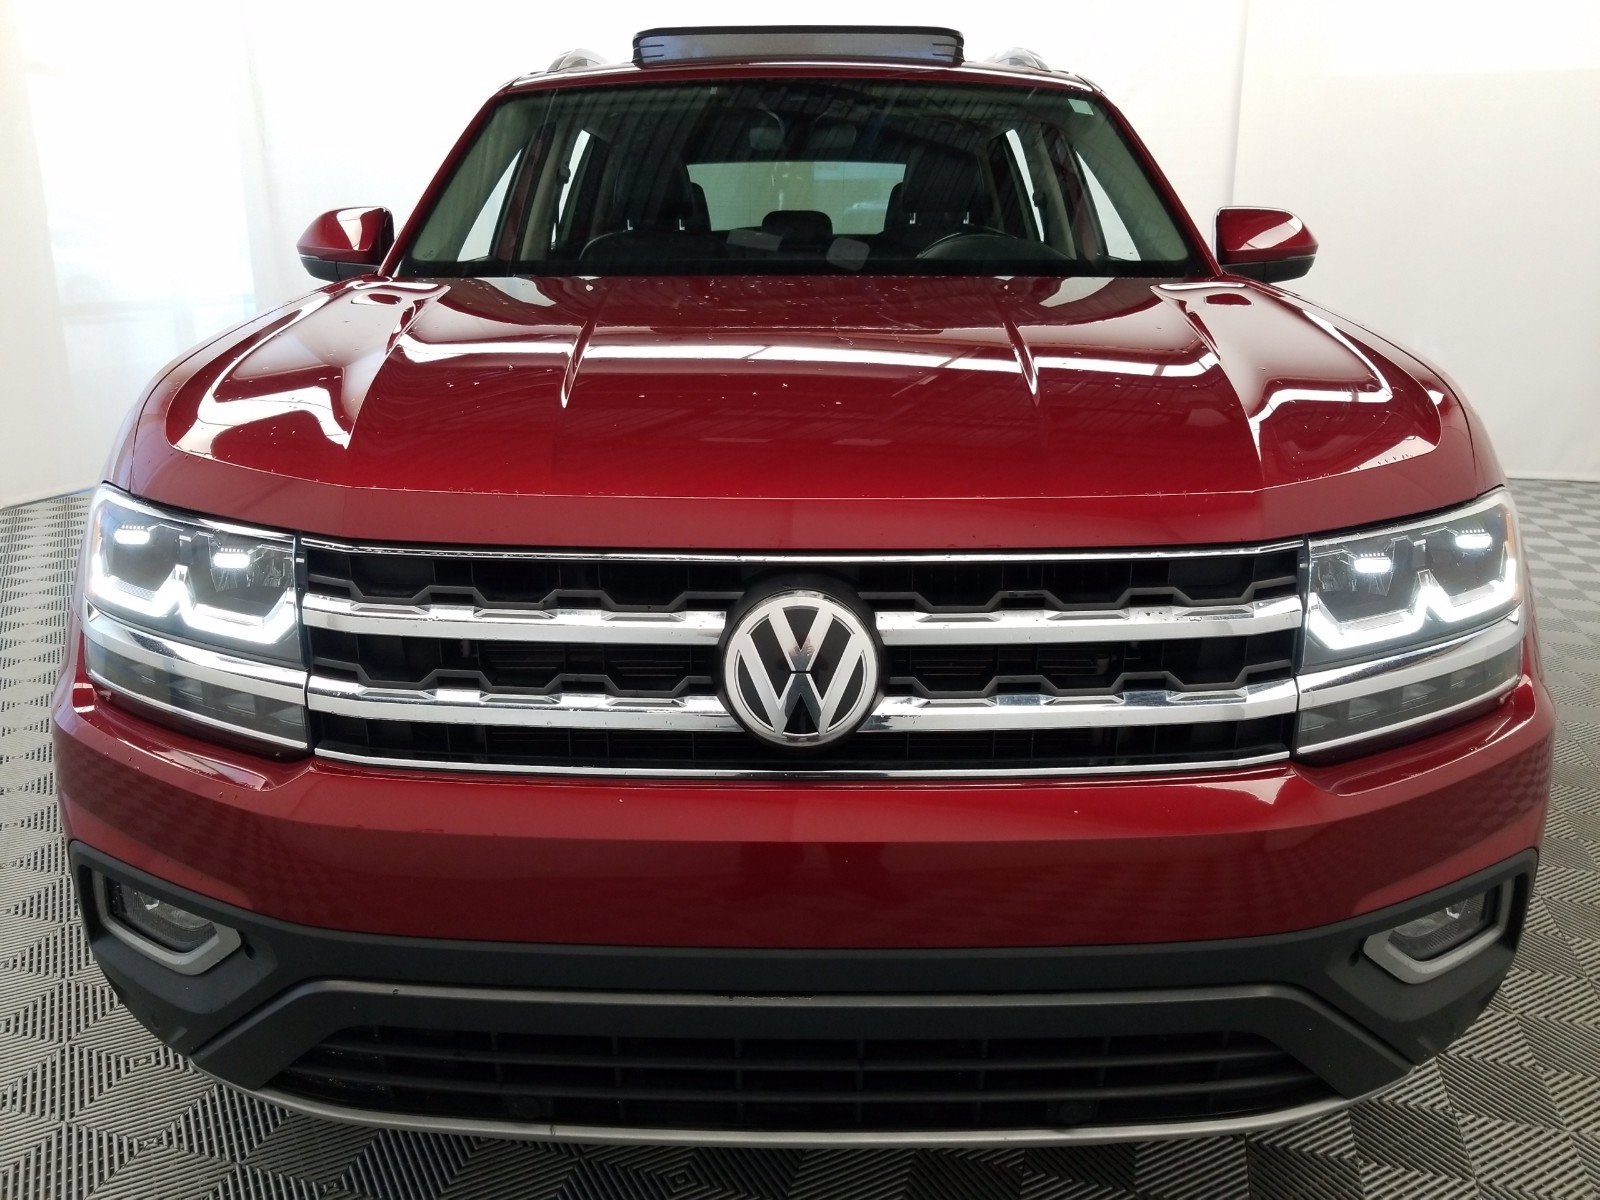 Used 2018 Volkswagen Atlas For Sale At Crown Ford Fayetteville Vin 1v2mr2caxjc513987